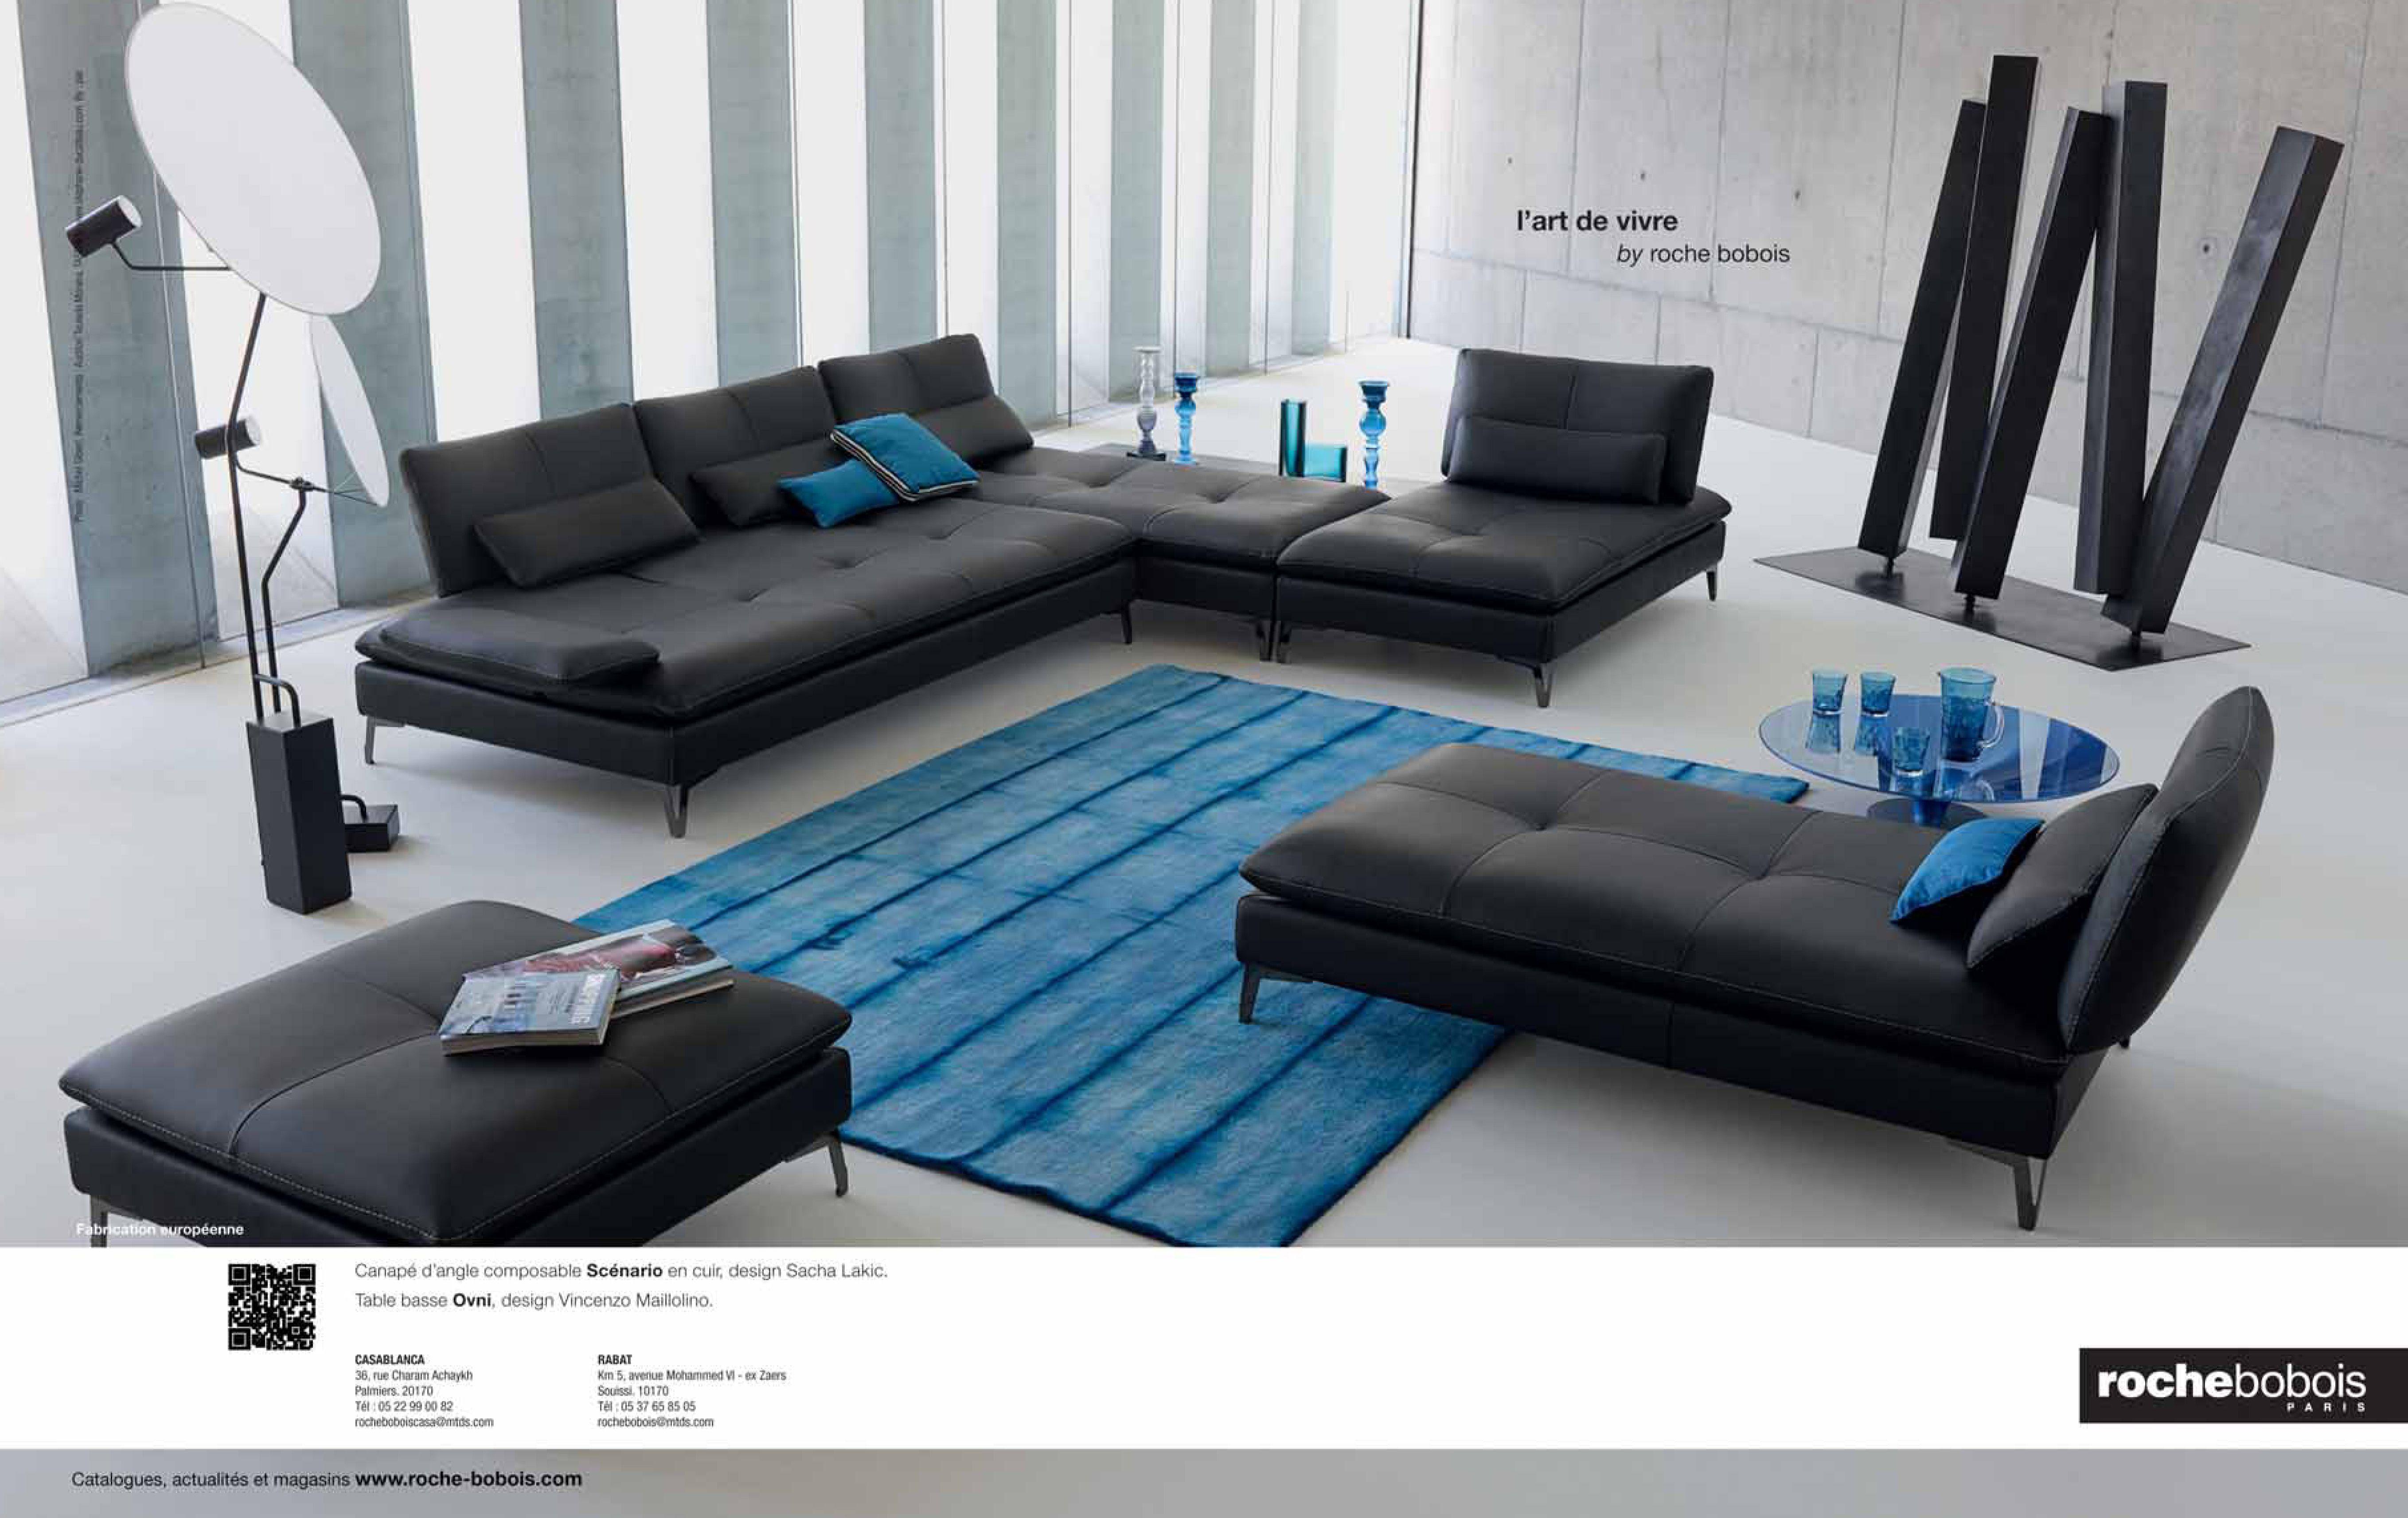 Roche Bobois Dans Id Prestige 16 Modern Patio Furniture Sofa Design Contemporary Furniture